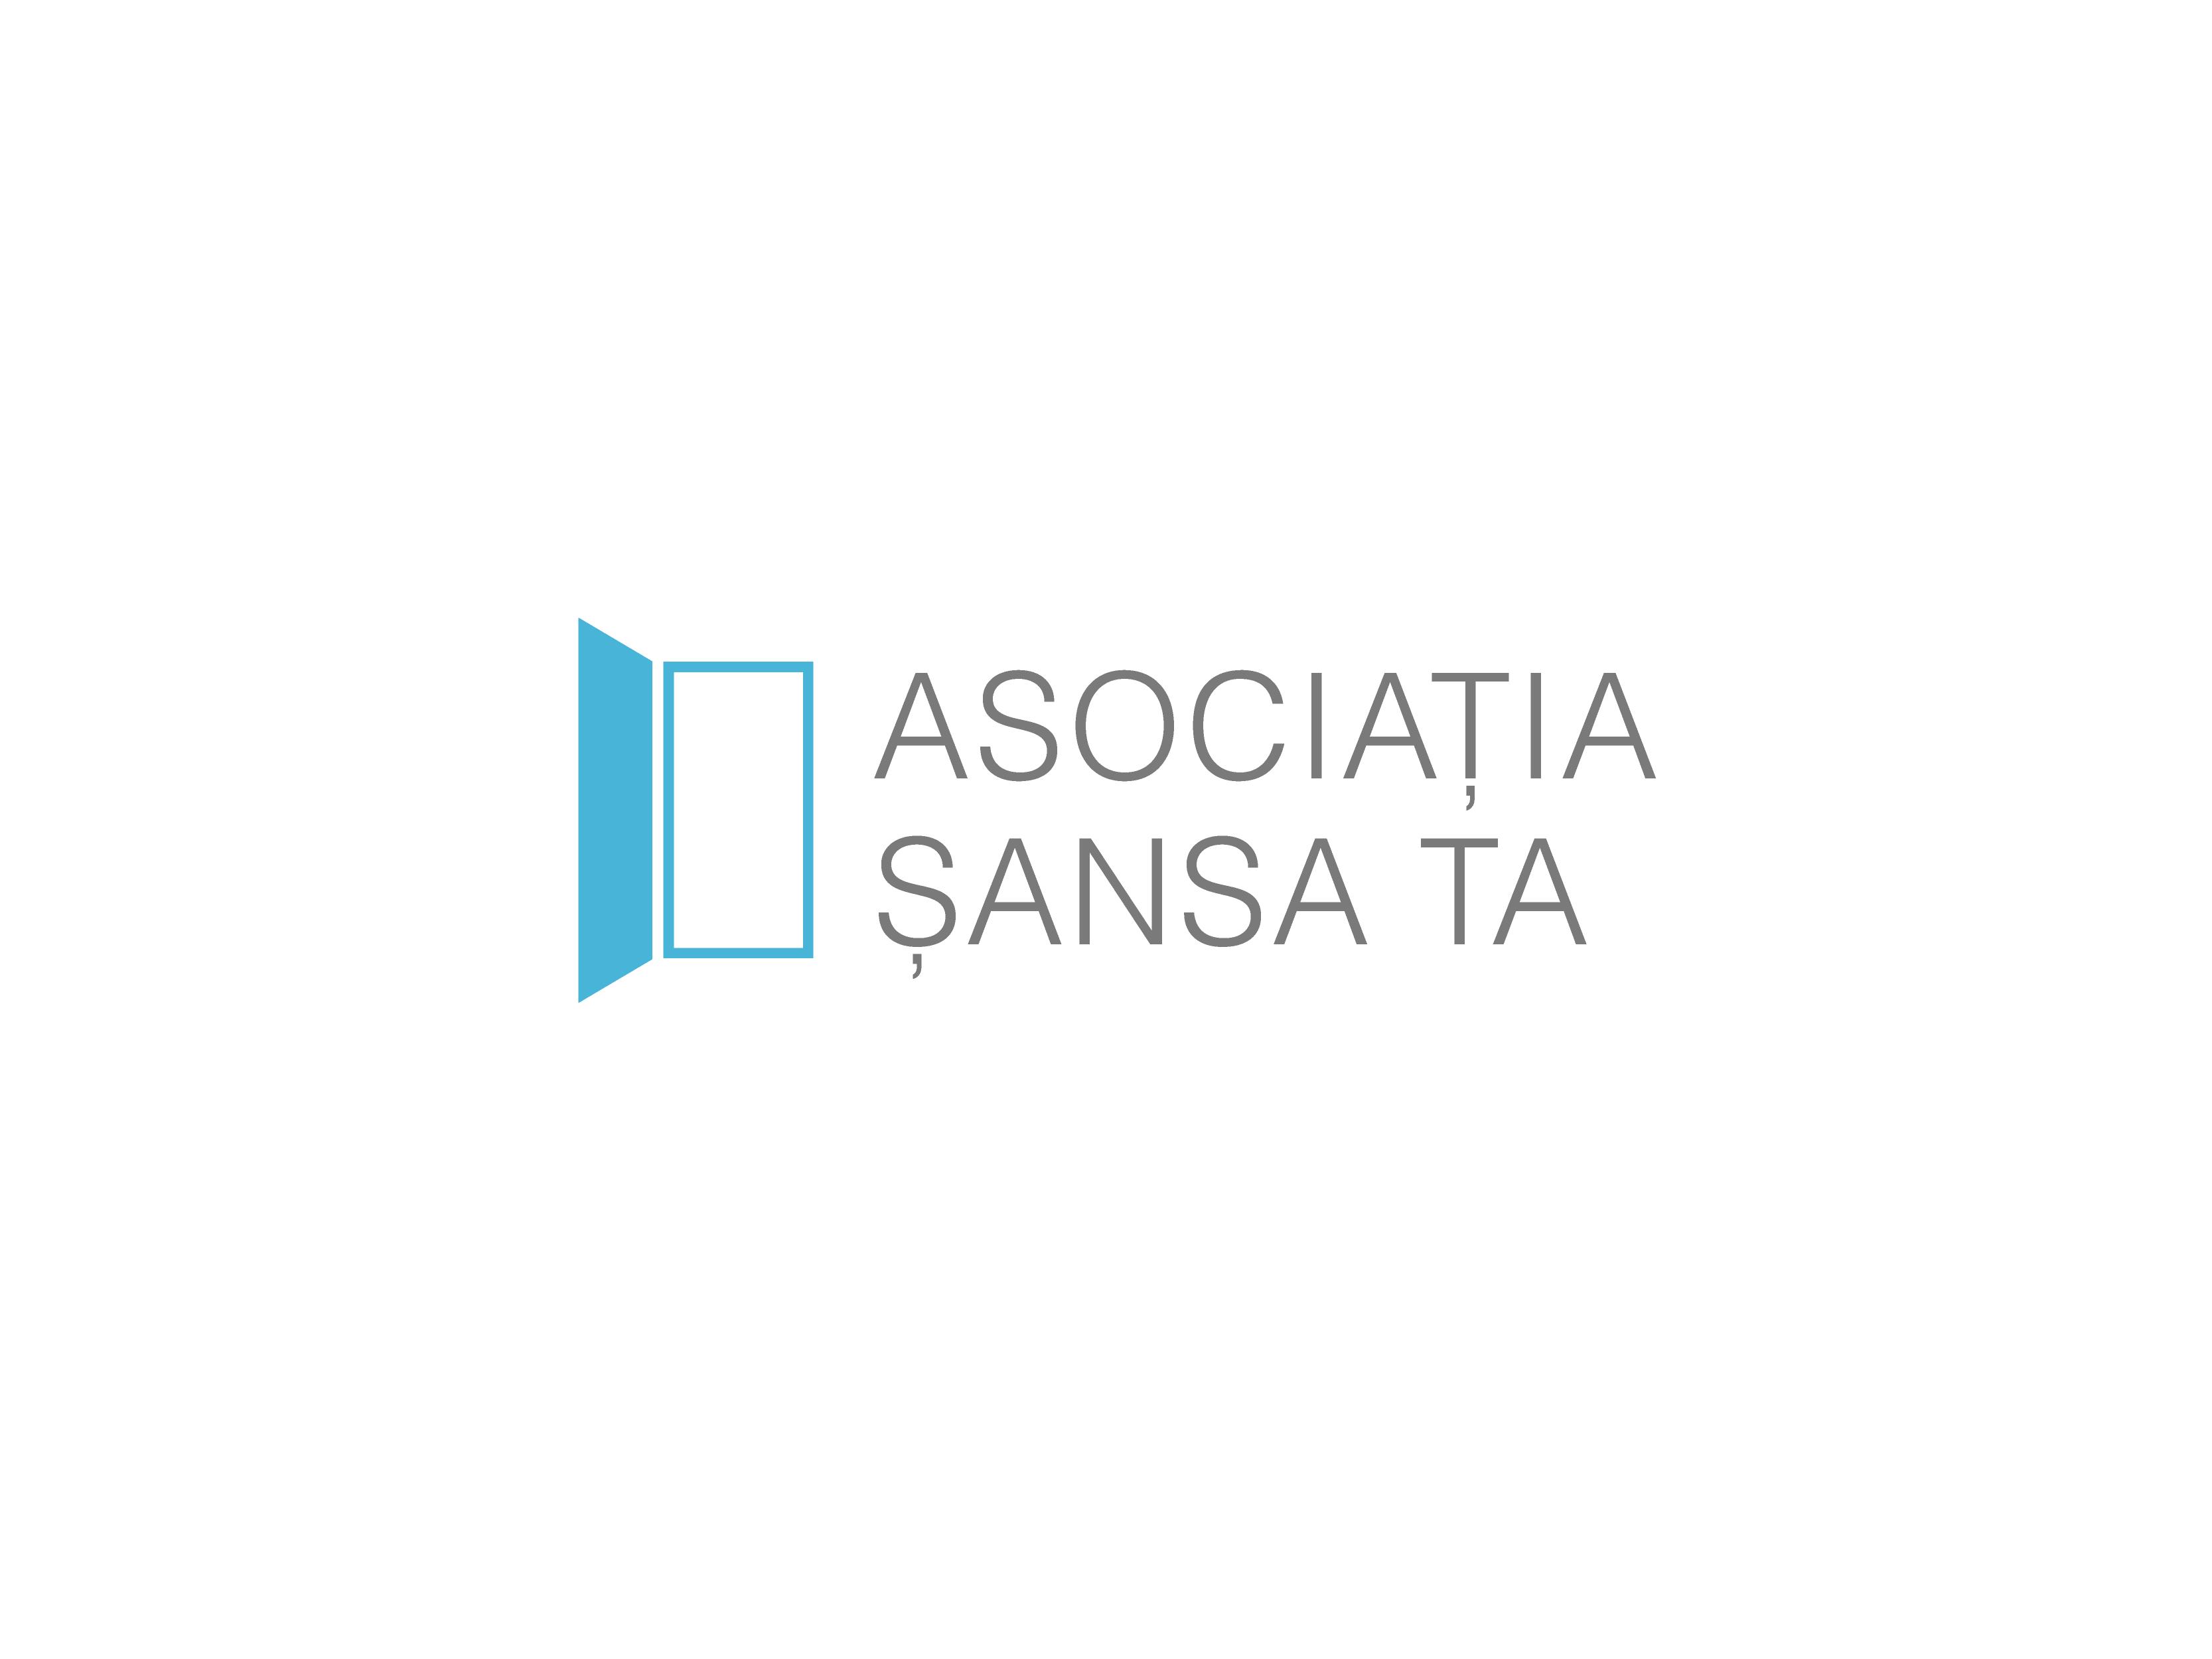 ASOCIATIA SANSA TA logo